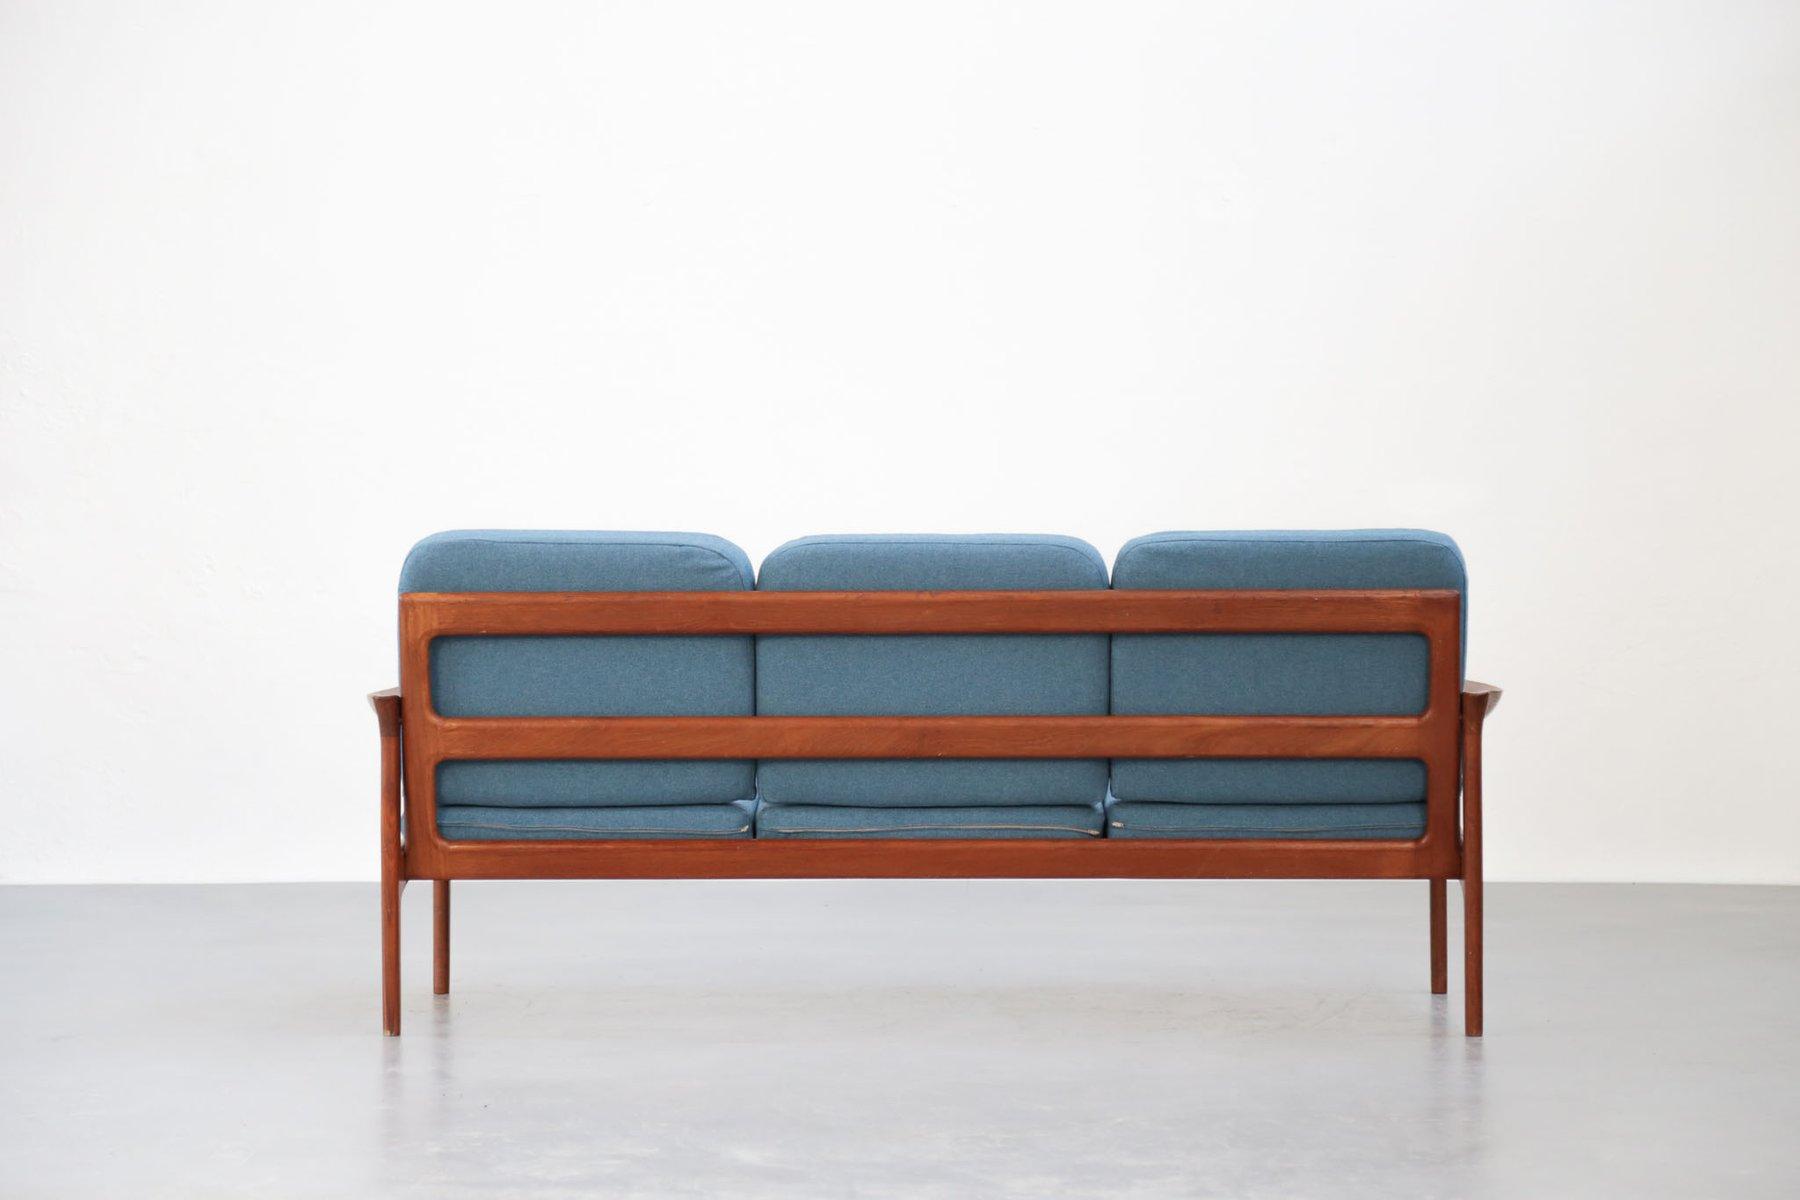 d nisches sofa aus teak mit blauem bezug 1960er bei pamono kaufen. Black Bedroom Furniture Sets. Home Design Ideas